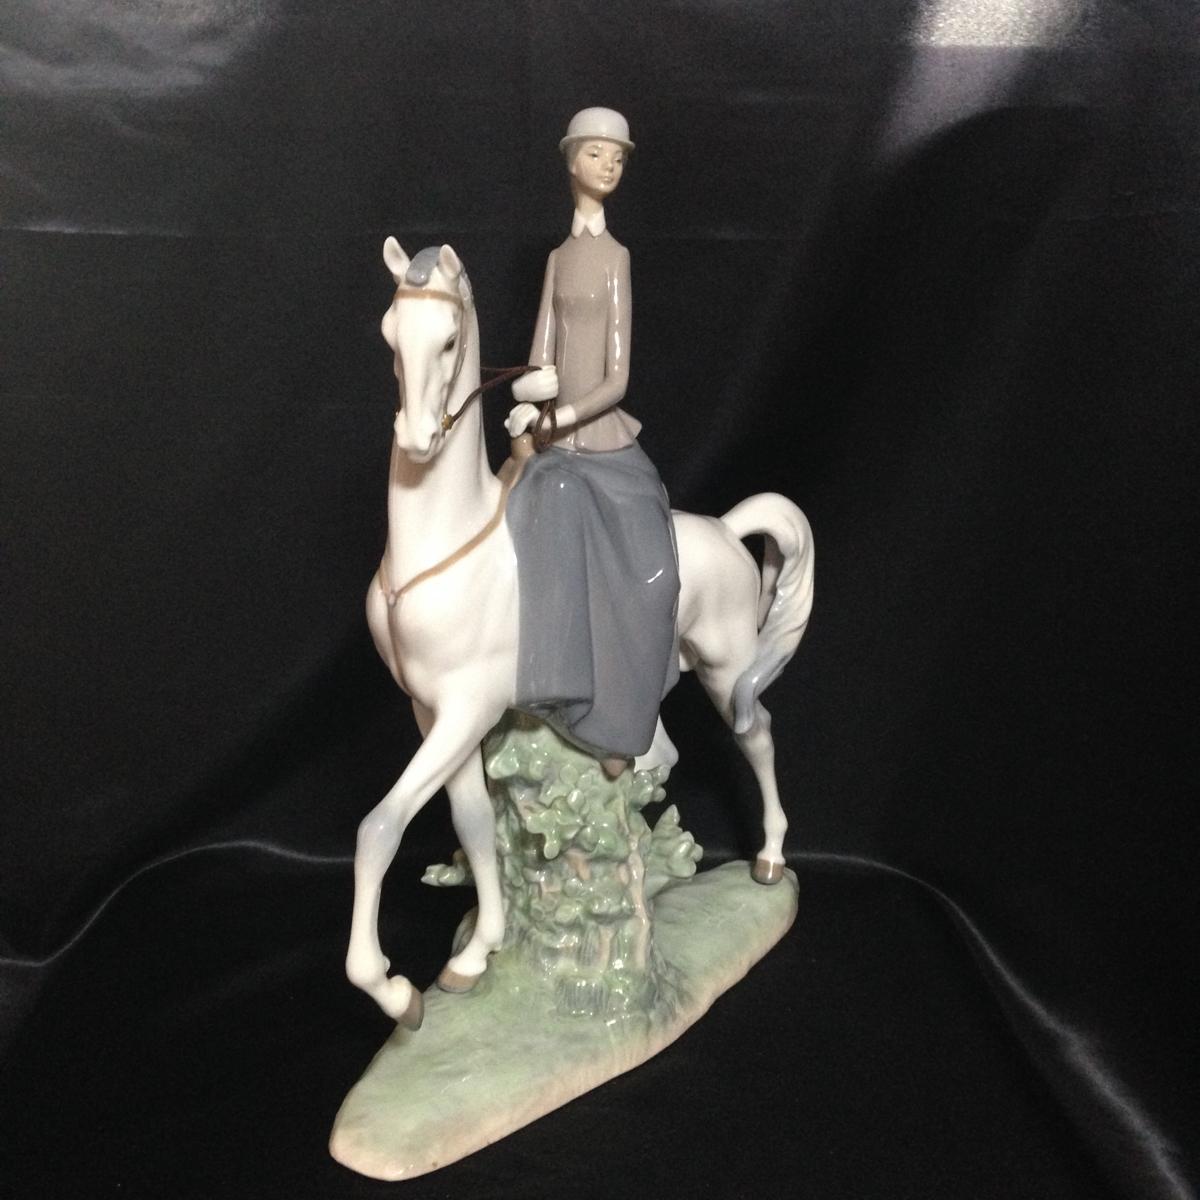 1575★リヤドロ★LLADRO★白い馬の少女★NO.4516★置物★陶器★オブジェ★インテリア★高